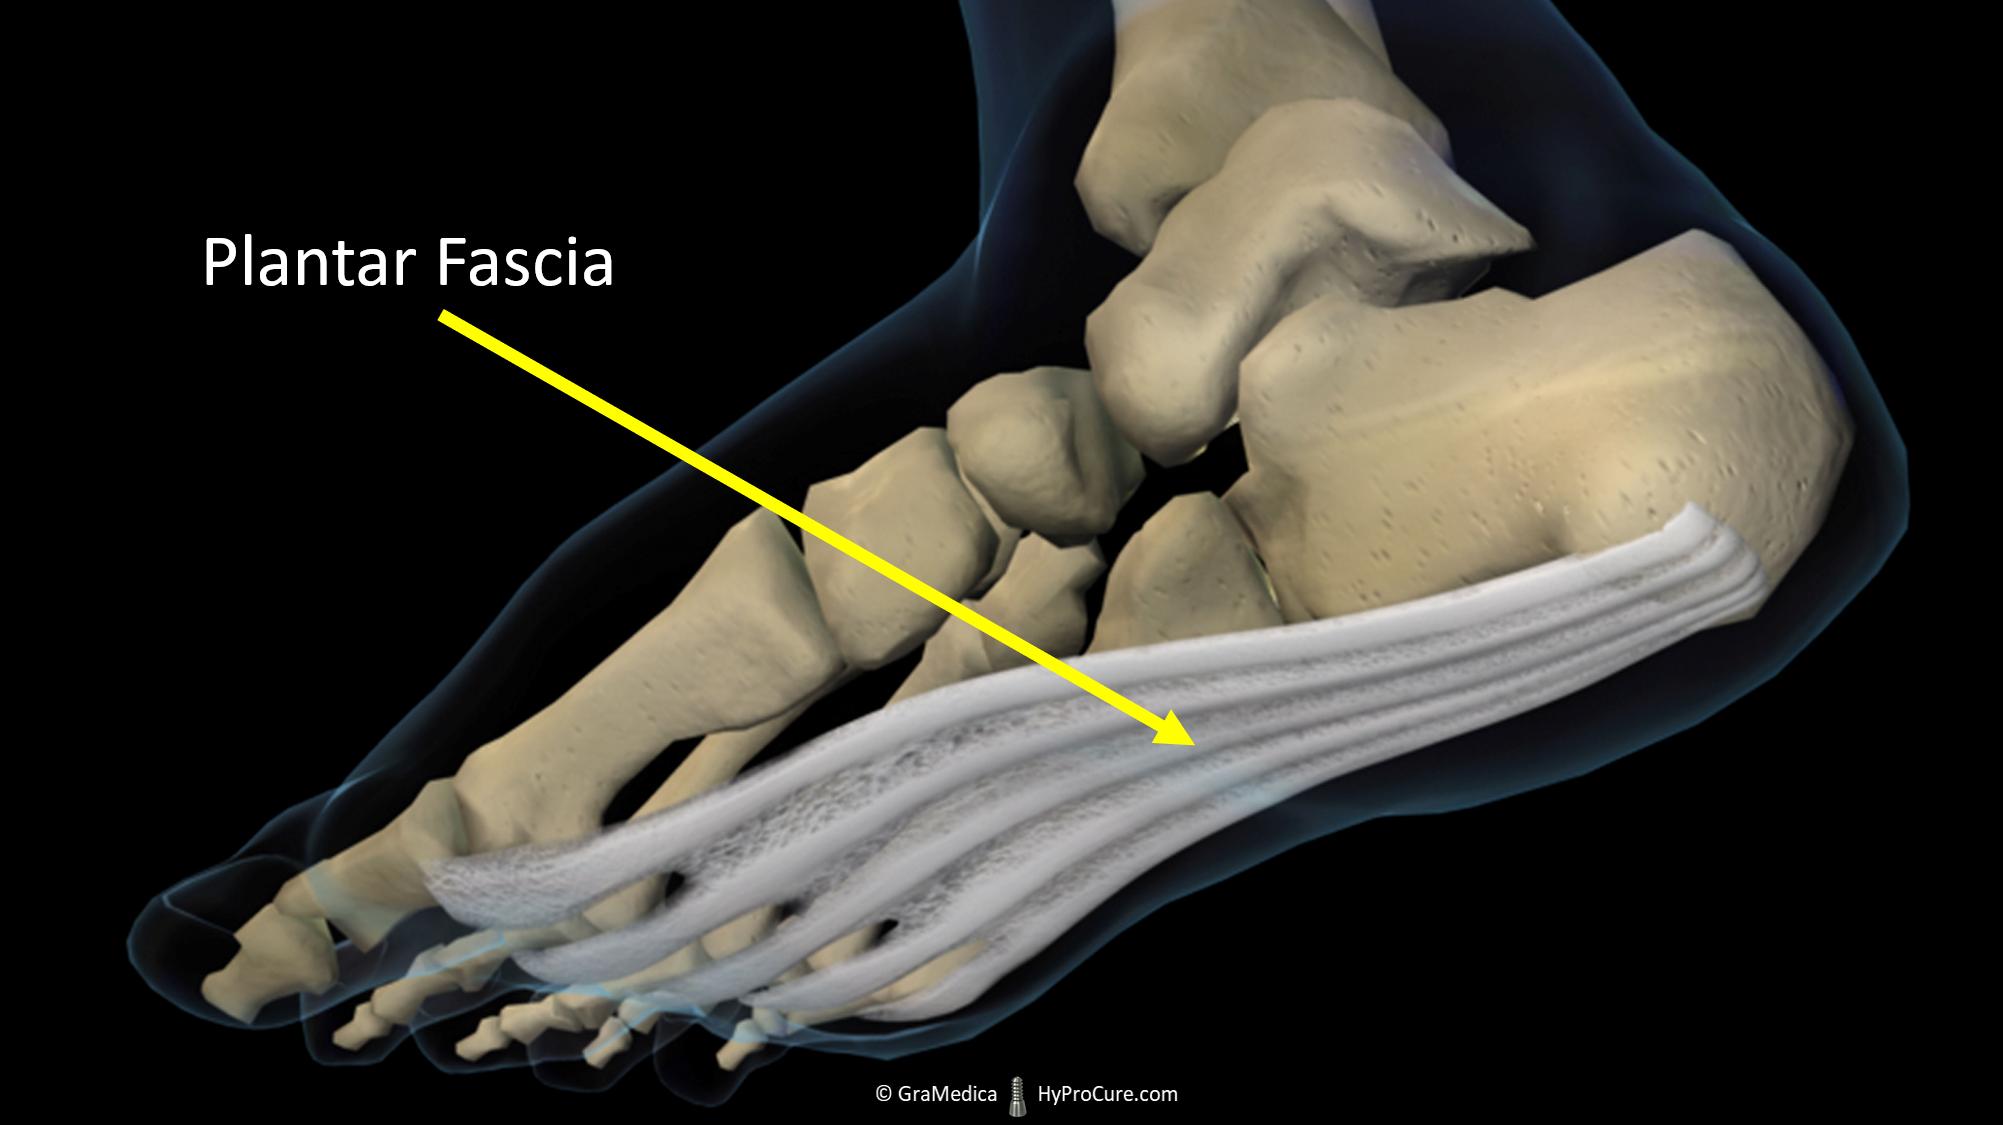 foot with visible plantar fascia